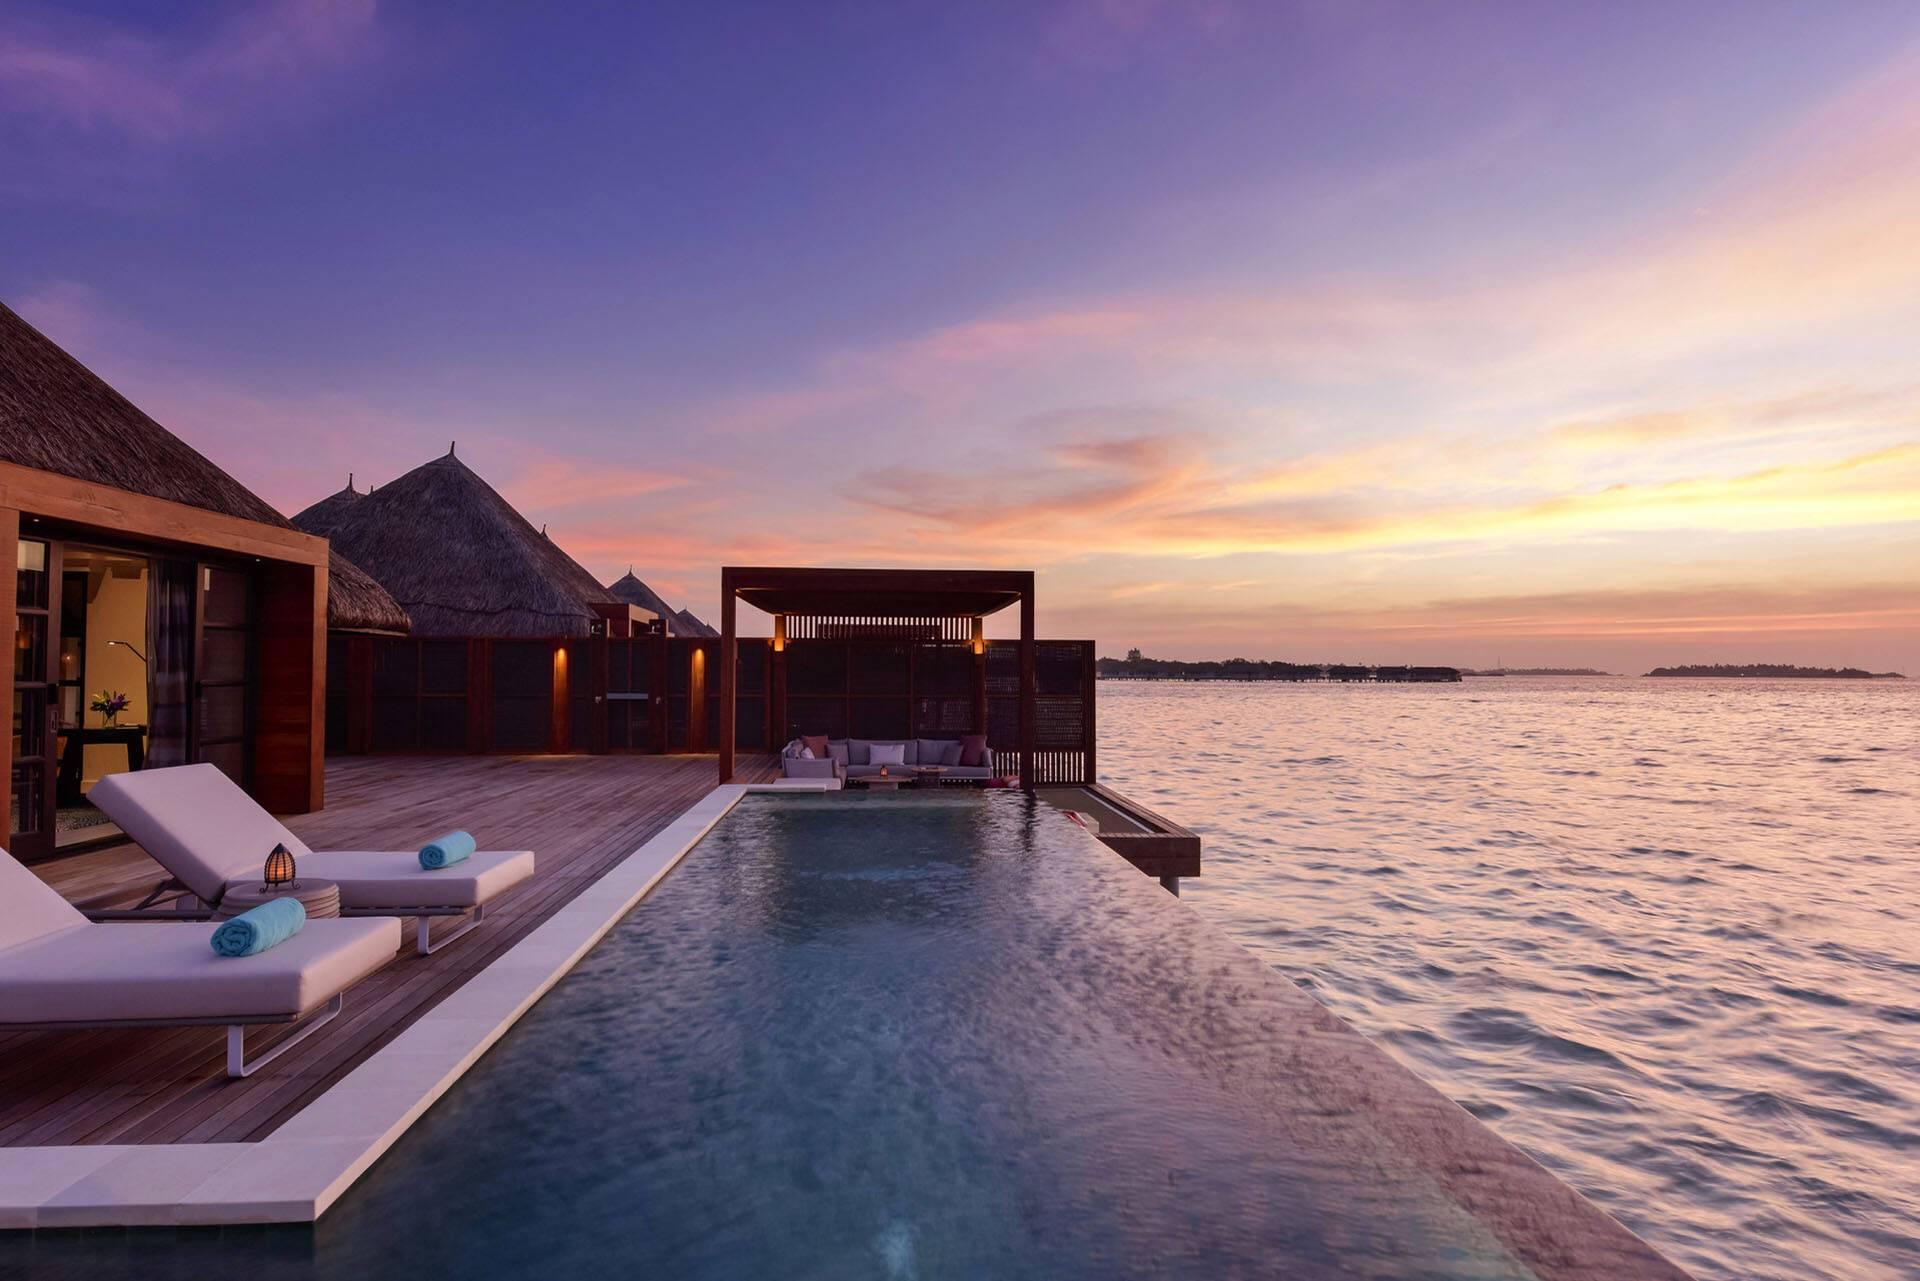 Four Seasons Kuda Huraa Maldives Hebergement Piscine